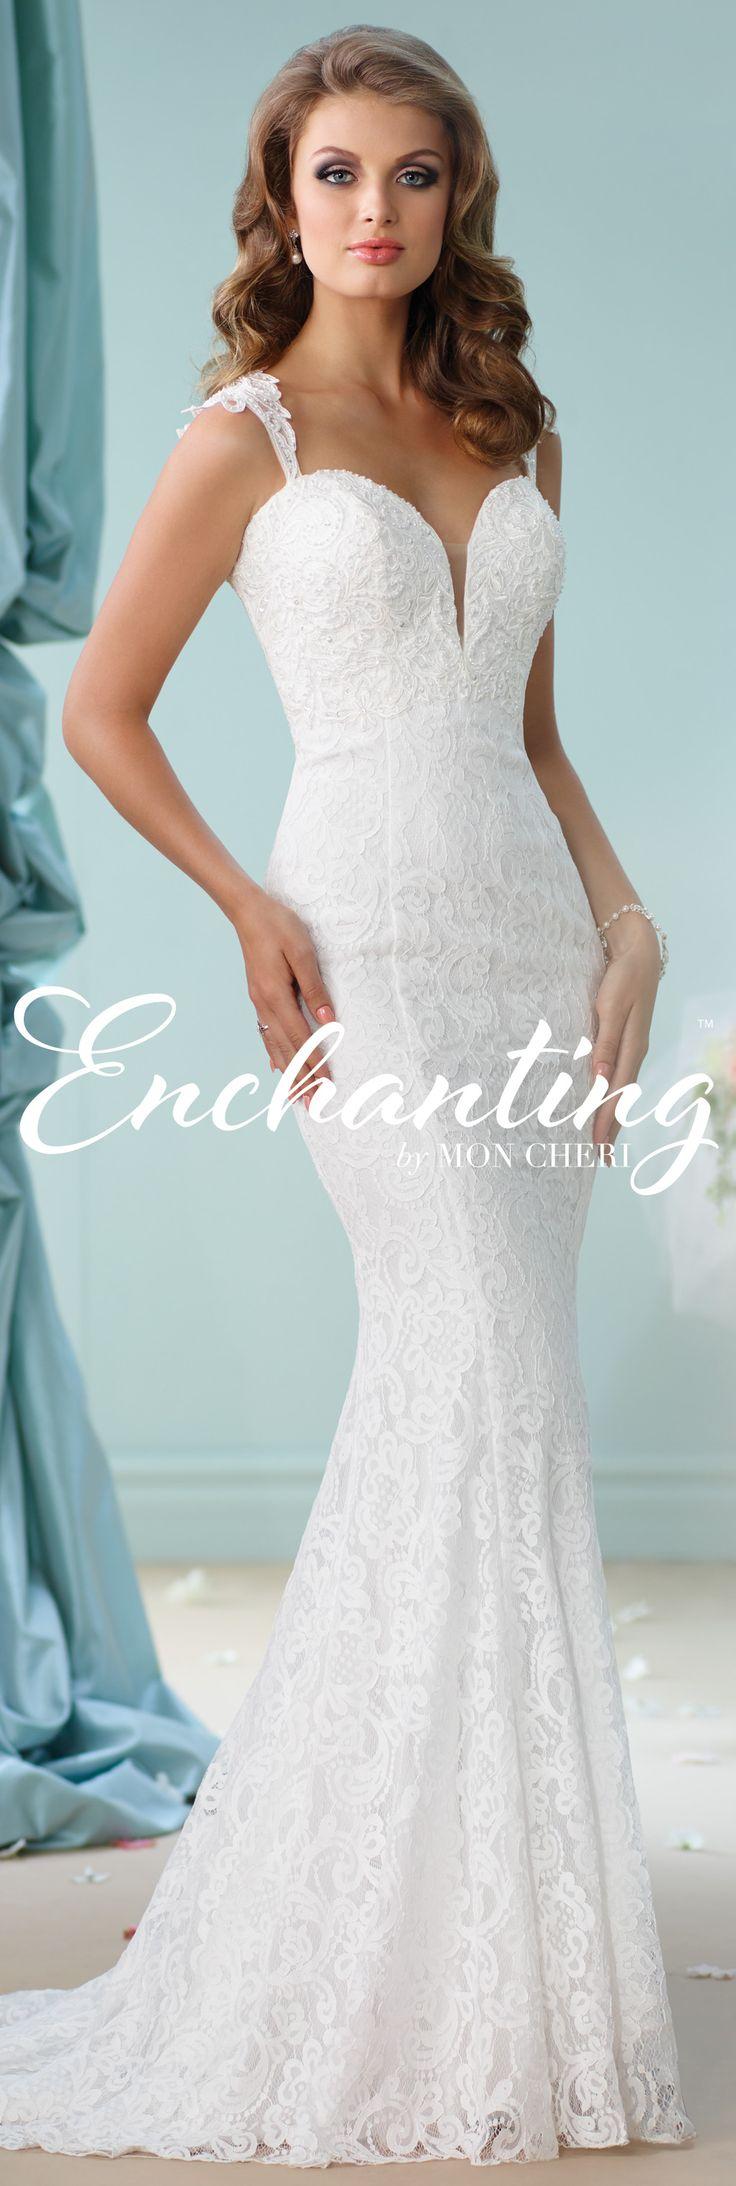 Best 25 1960s wedding dresses ideas on pinterest 1960s for How much are mon cheri wedding dresses